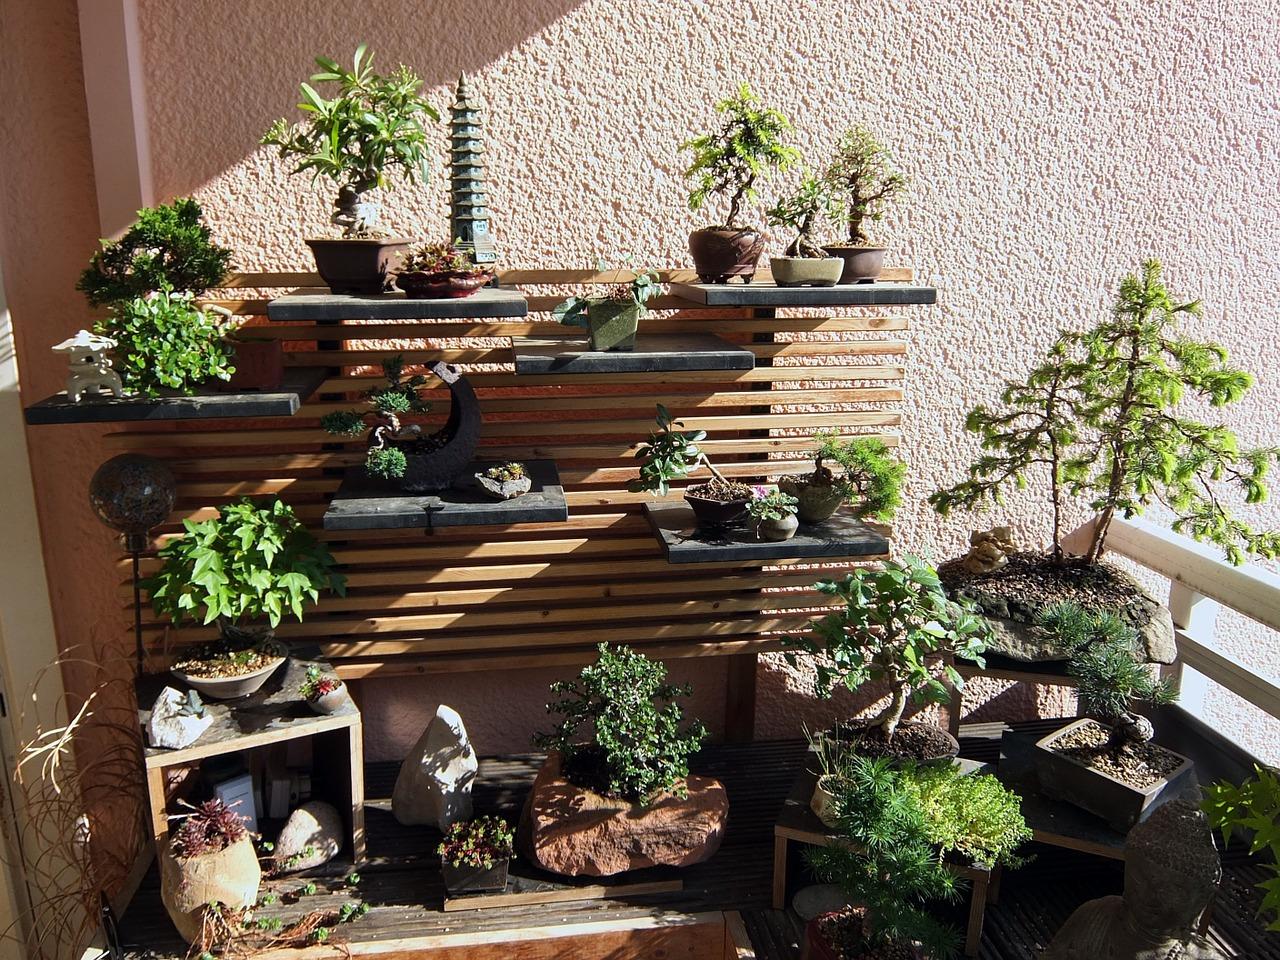 tutoriel : comment faire un bonsai ? – créer son kit | bonsai entretien